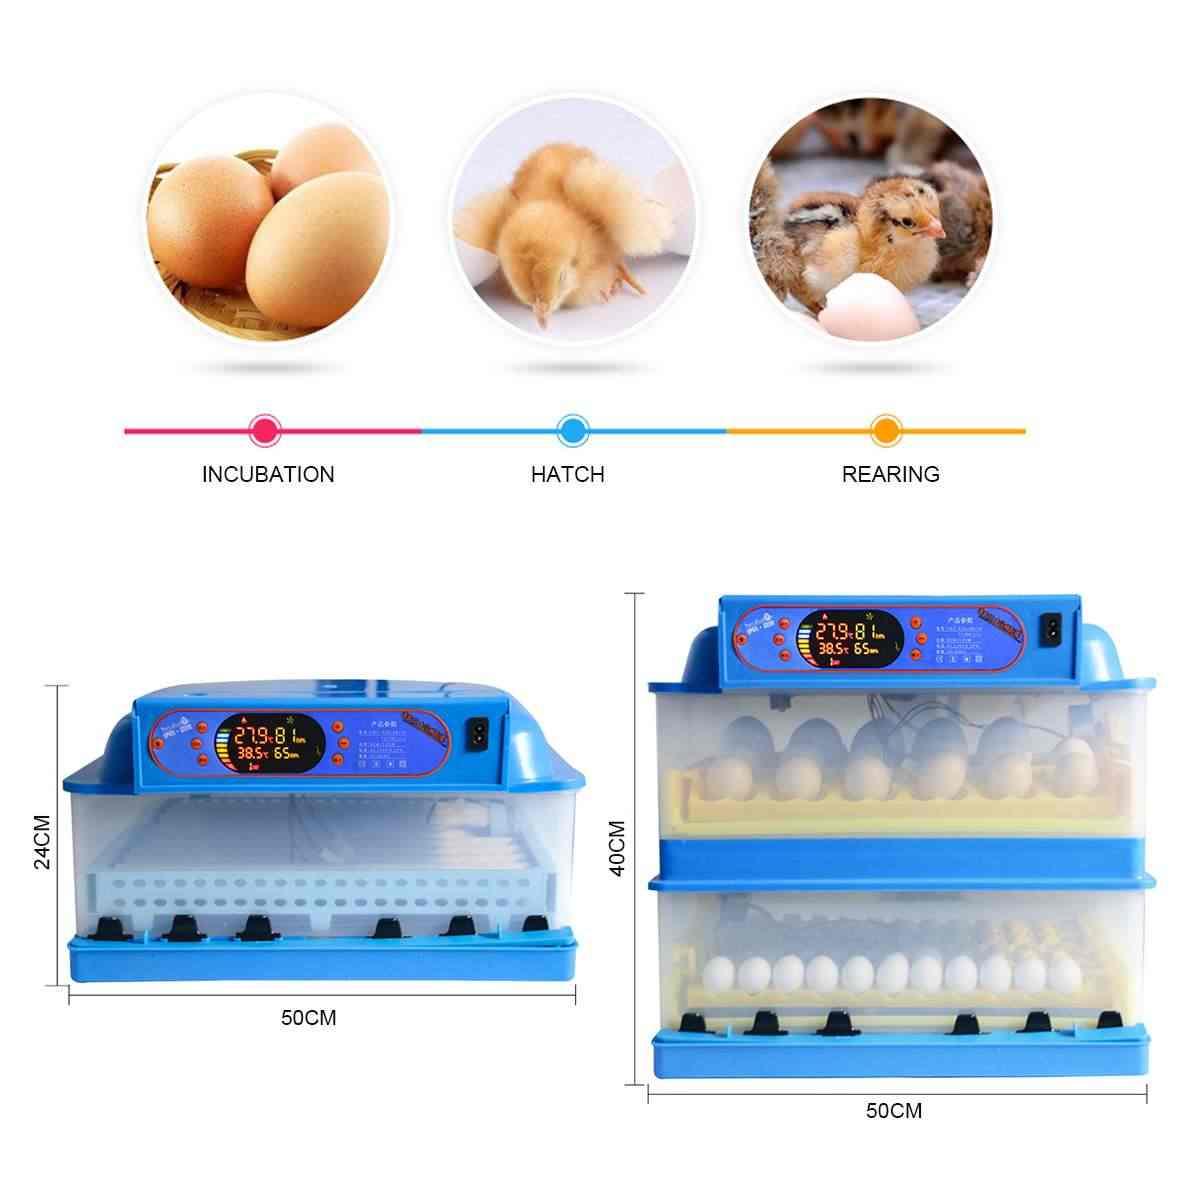 45 Вт 112 положение автоматический инкубатор для яиц светодиодный инкубатор для домашней птицы Hatcher полностью автоматическая домашняя инкубационная машина 220 В